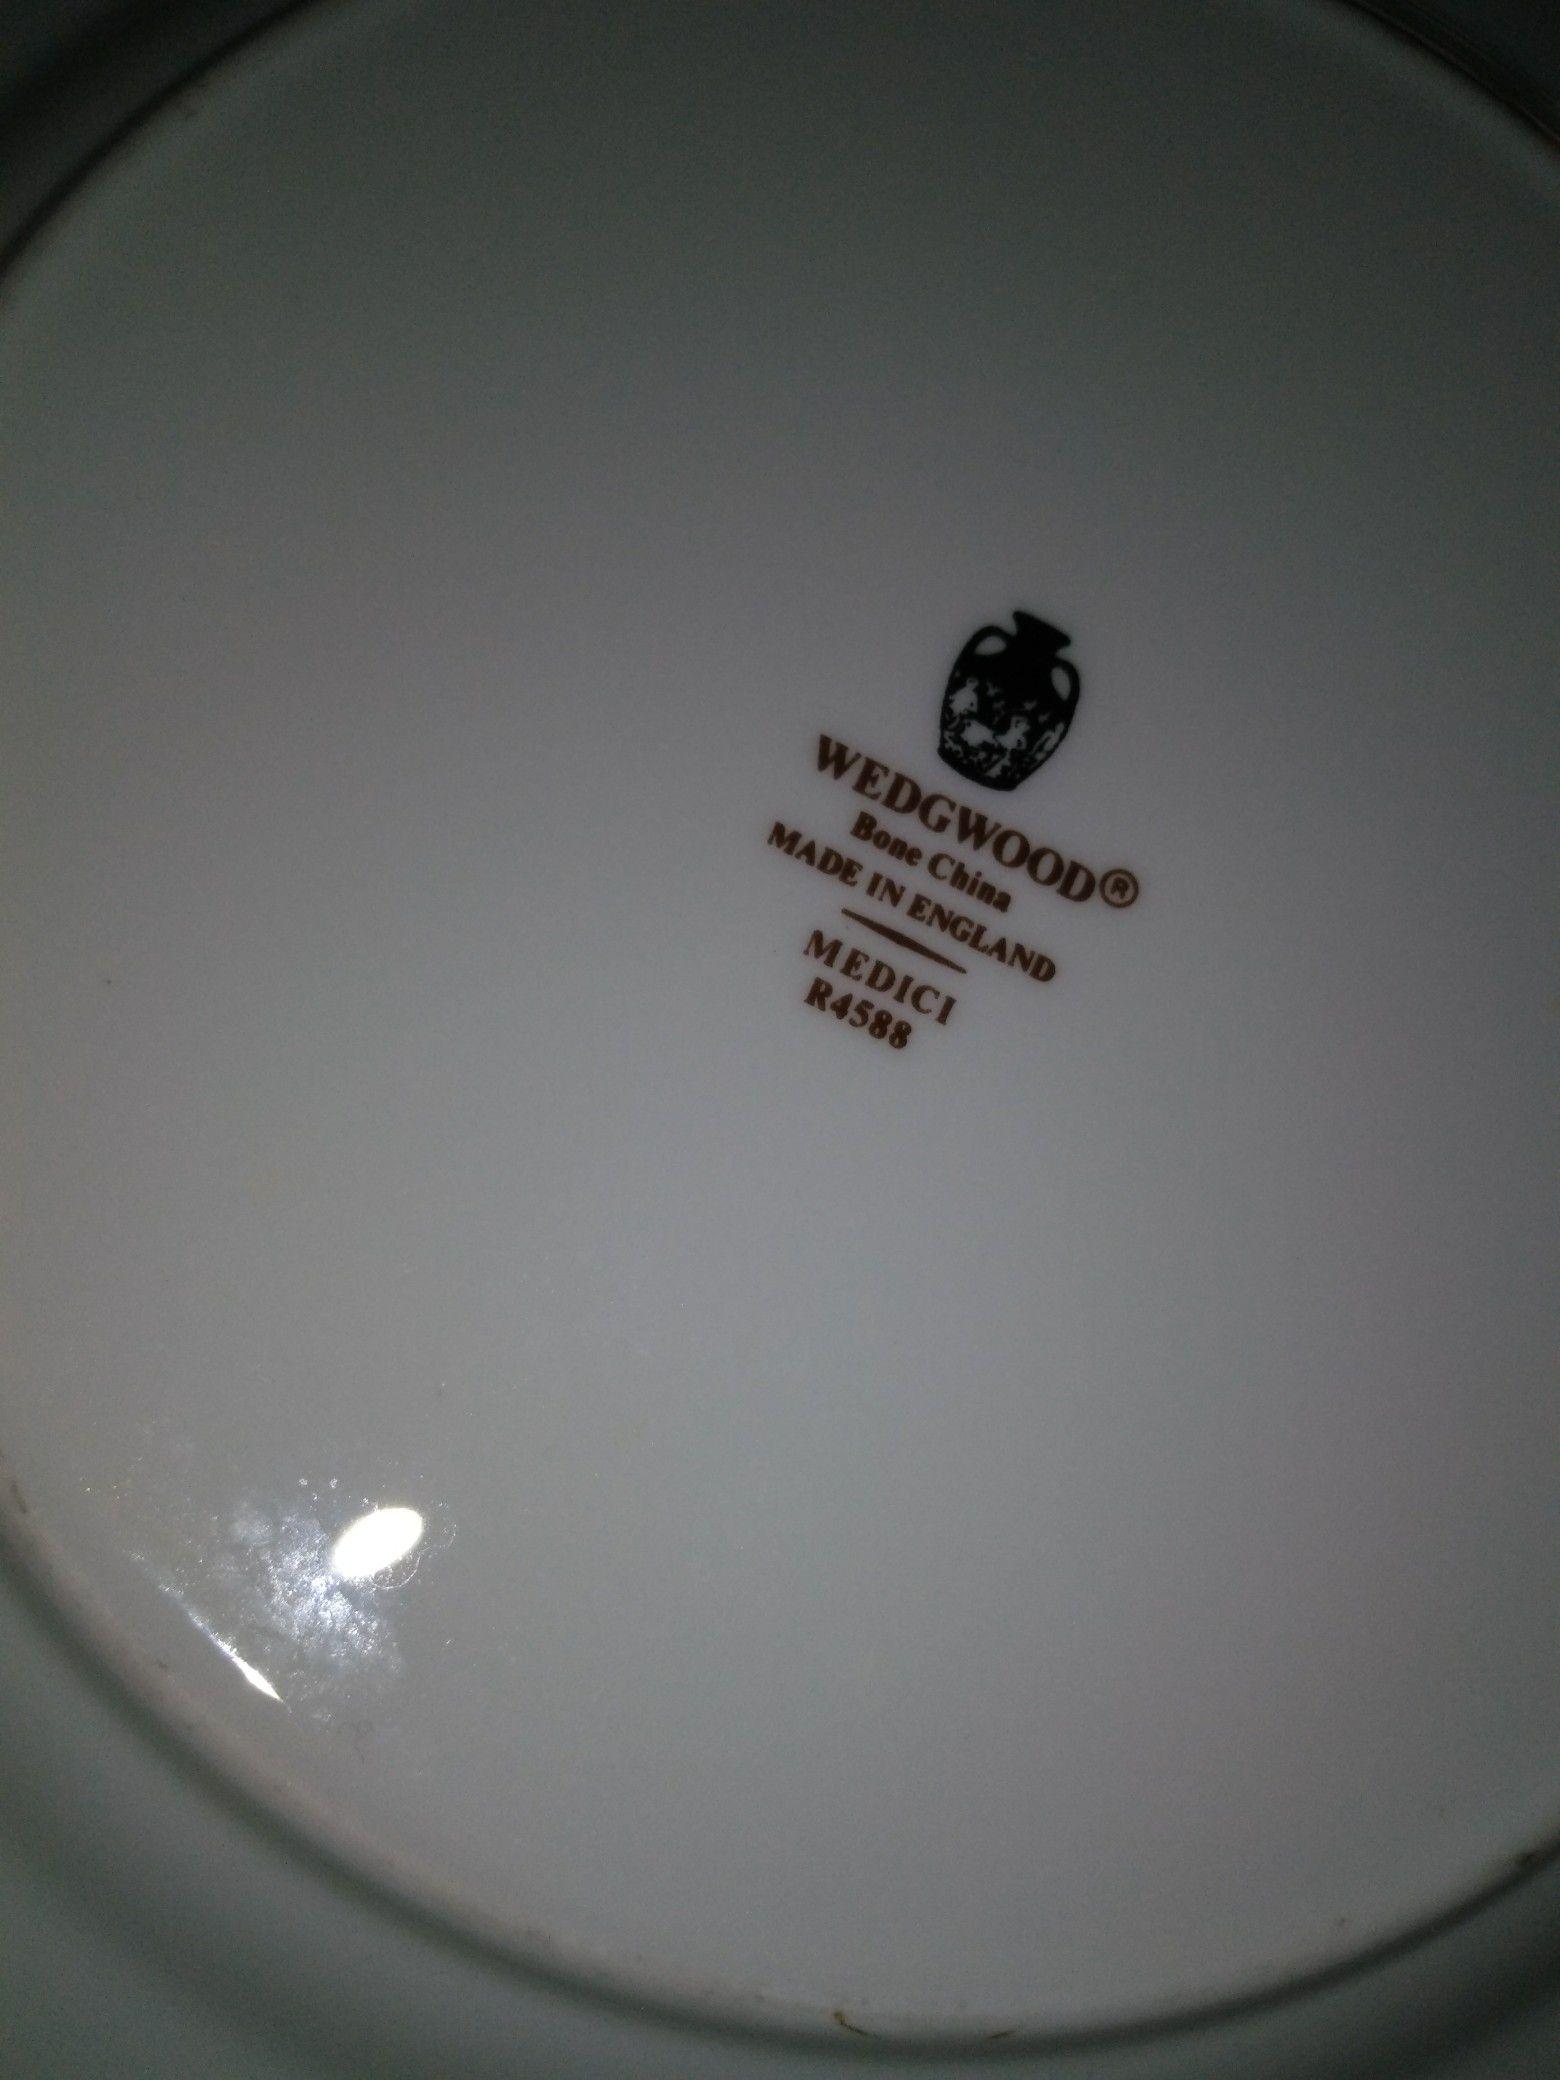 Wedgwood Fine Bone China